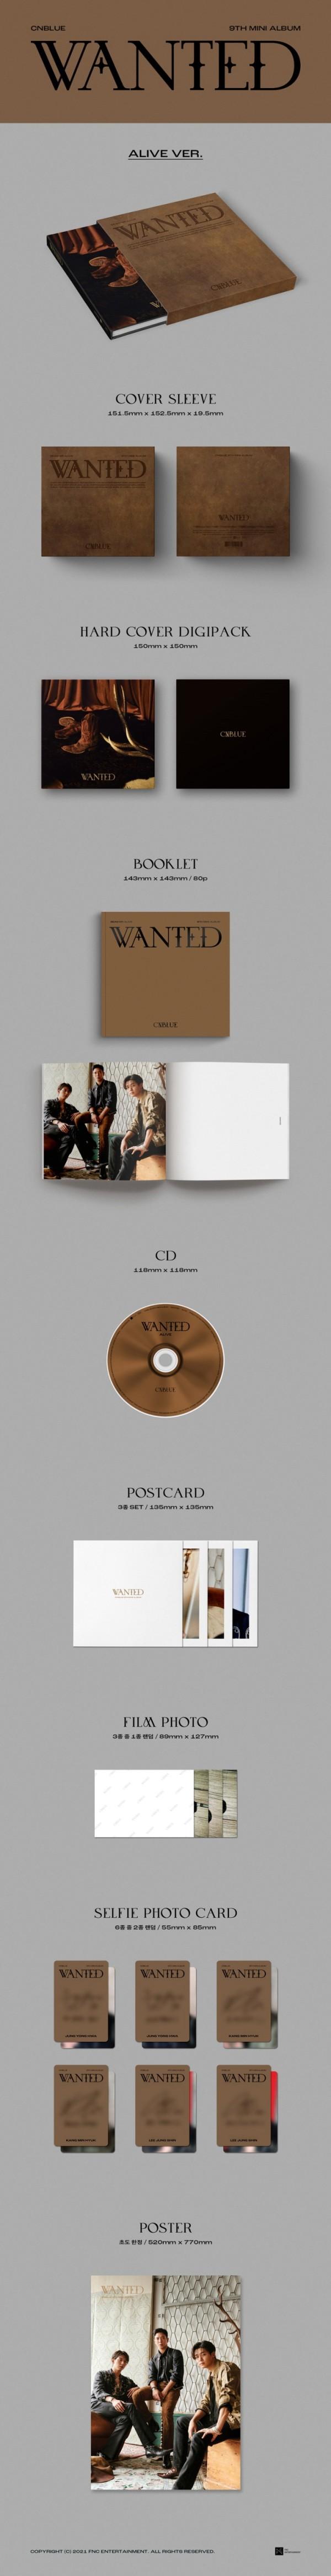 CNBLUE 韓国9枚目のミニアルバム『WANTED』 